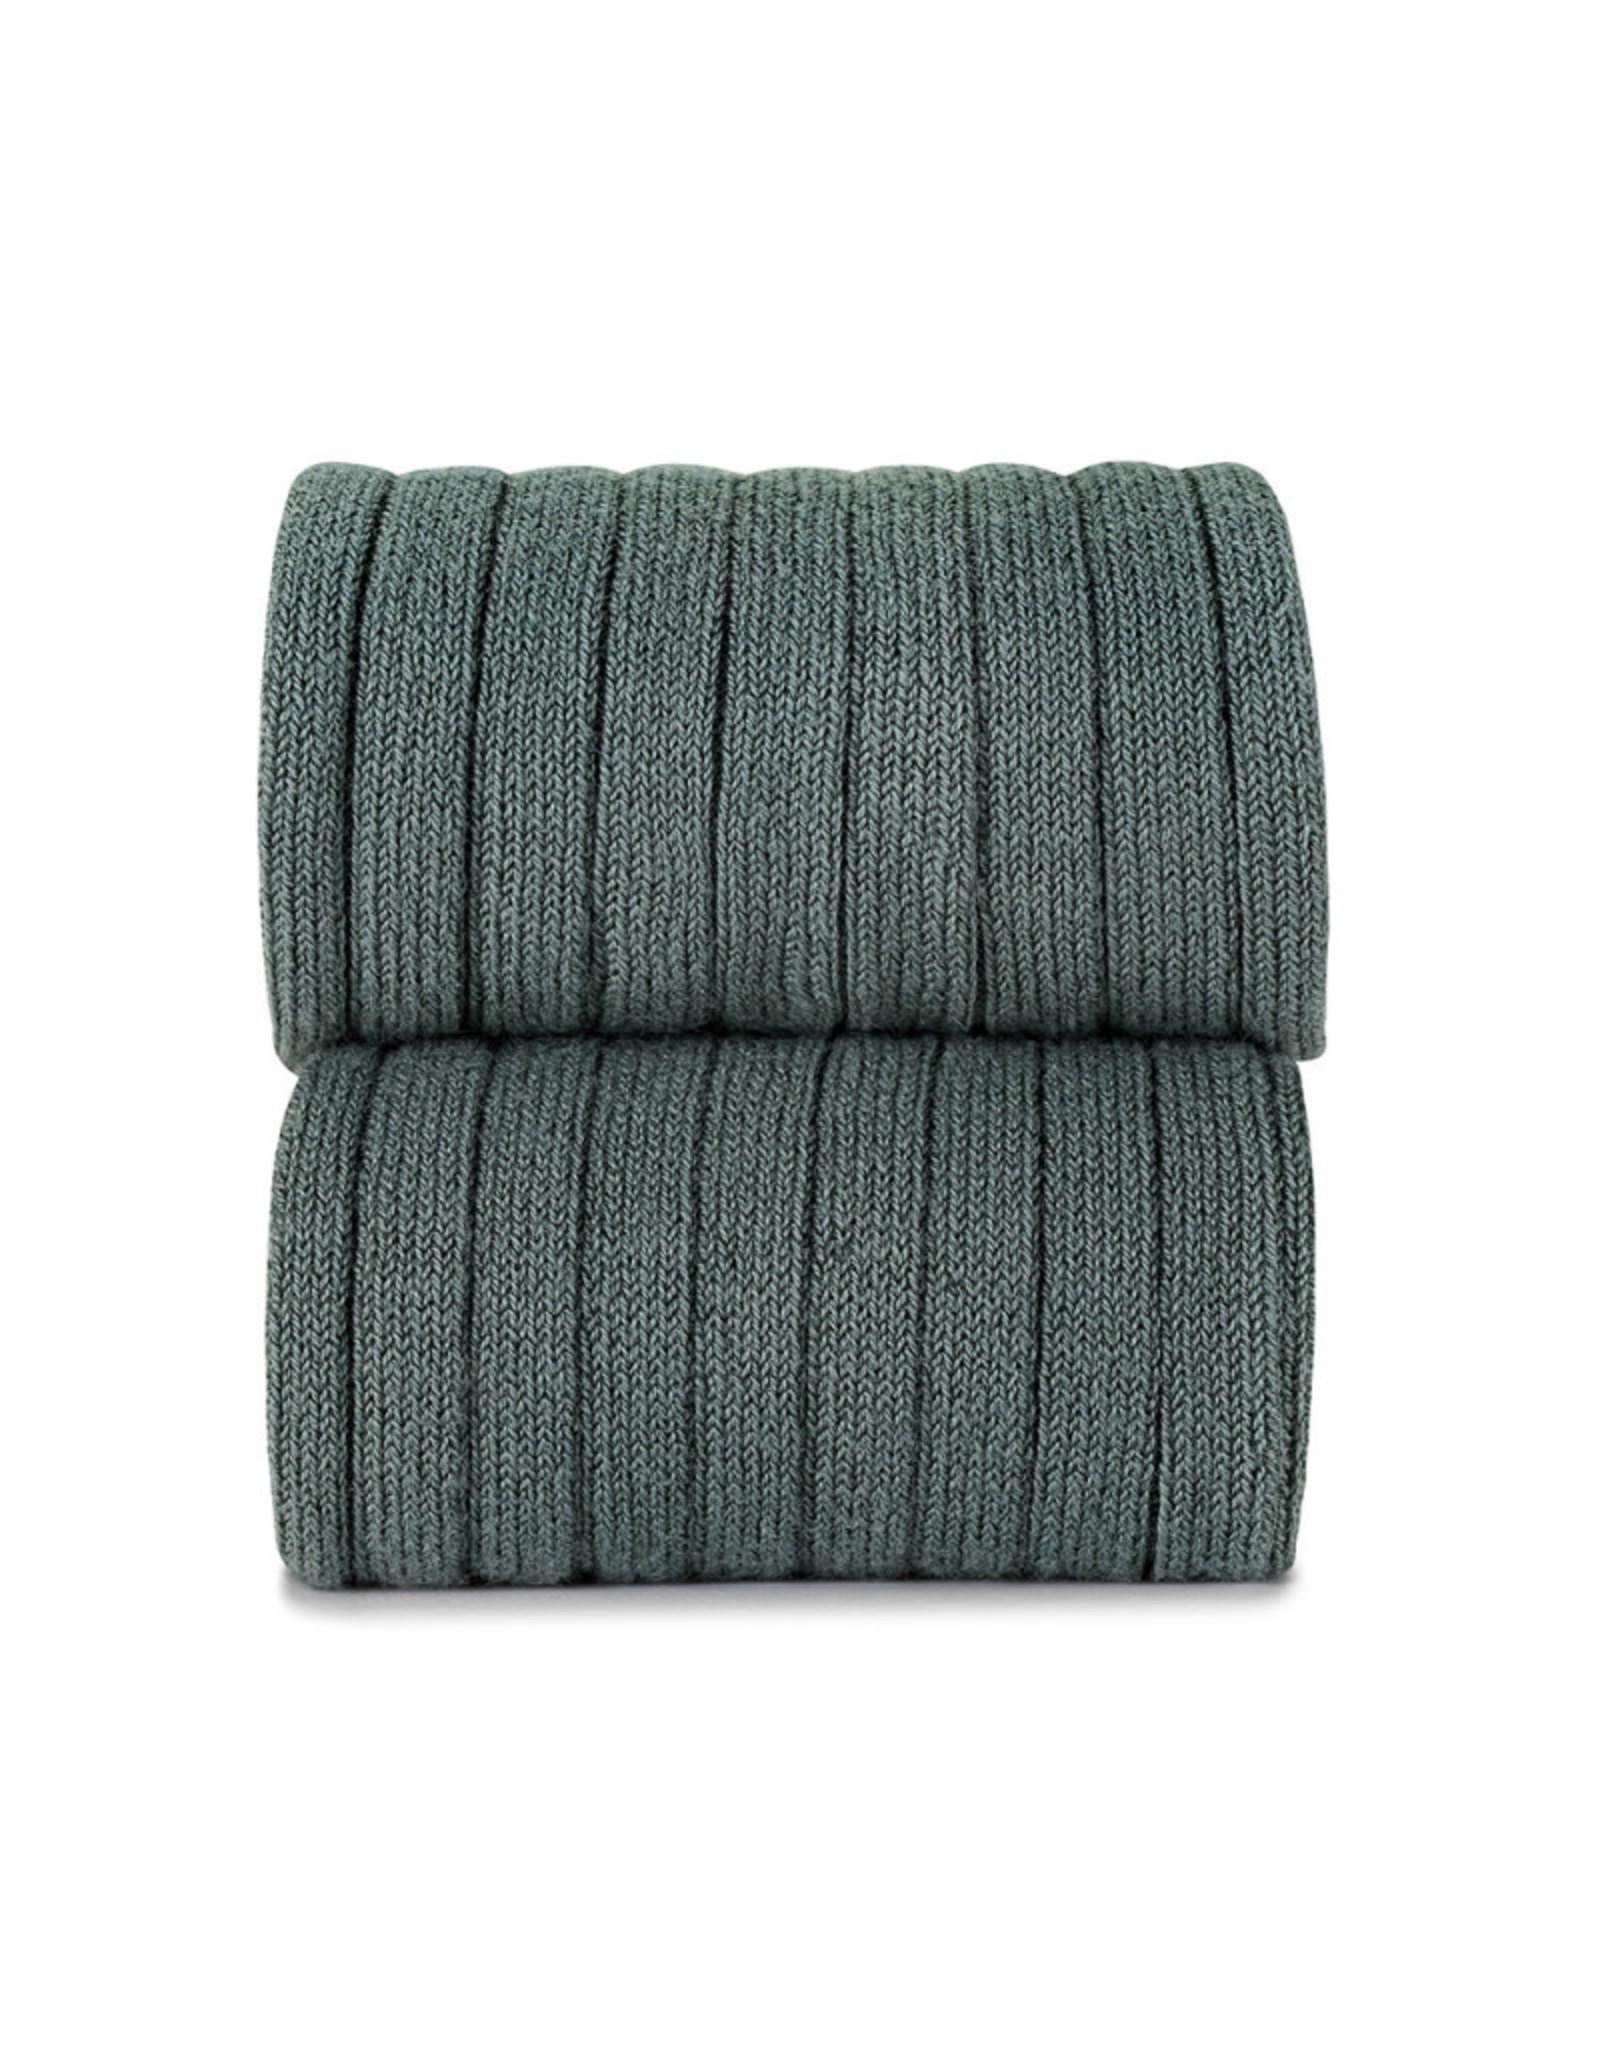 CONDOR Lichen Ribbed Socks